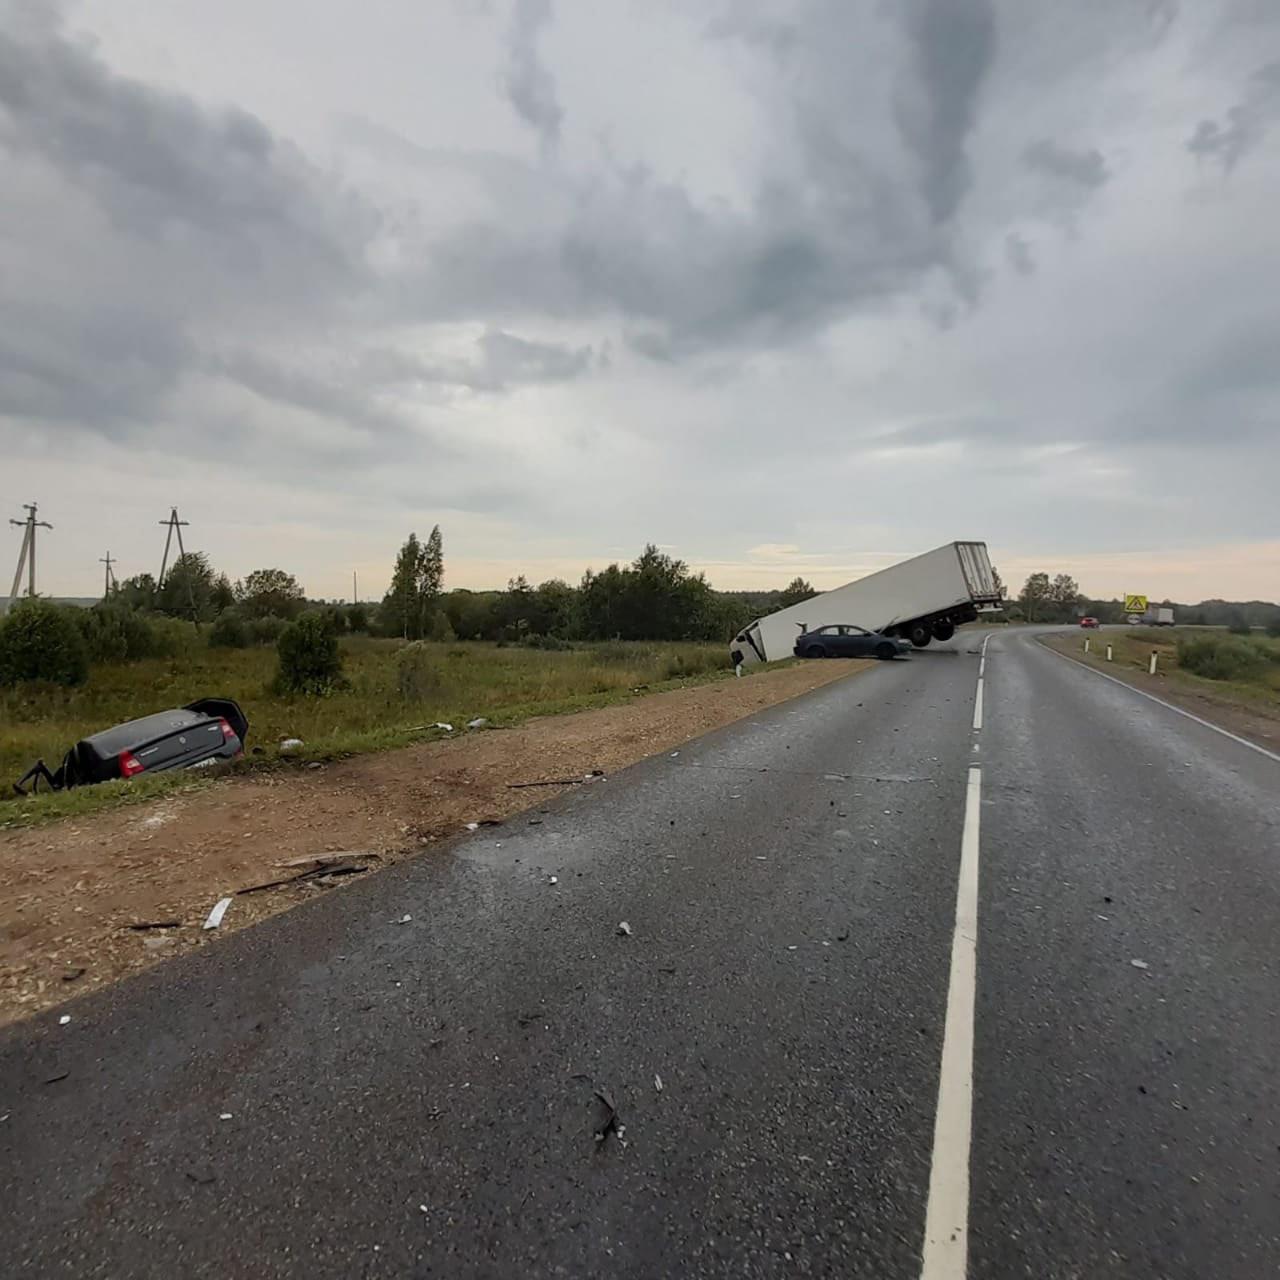 В аварии с большегрузом в Кировской области погиб человек, а также пострадали дети